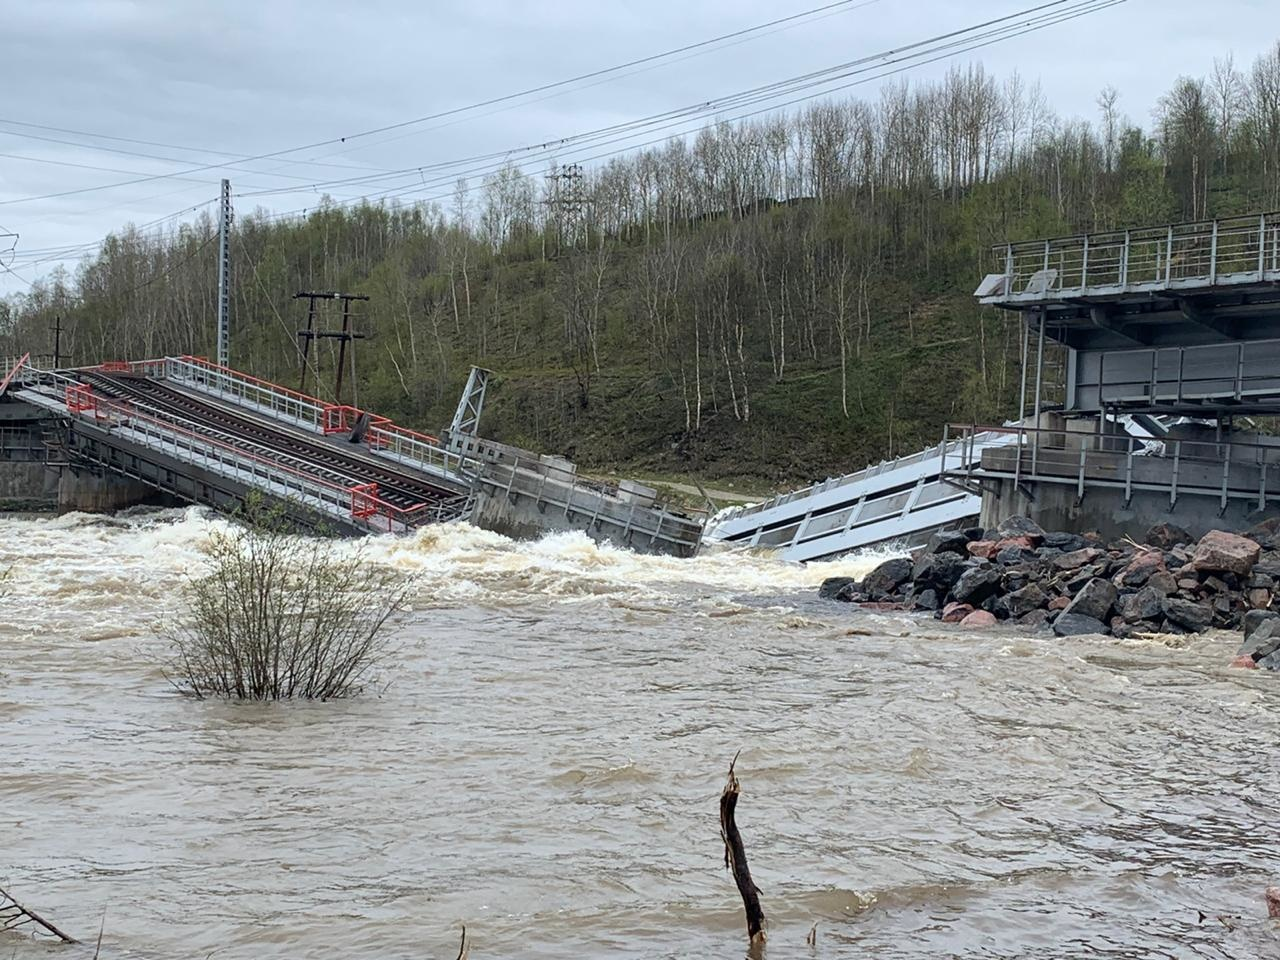 фото ЗакС политика Рухнувший железнодорожный мост под Мурманском планируют восстановить к октябрю